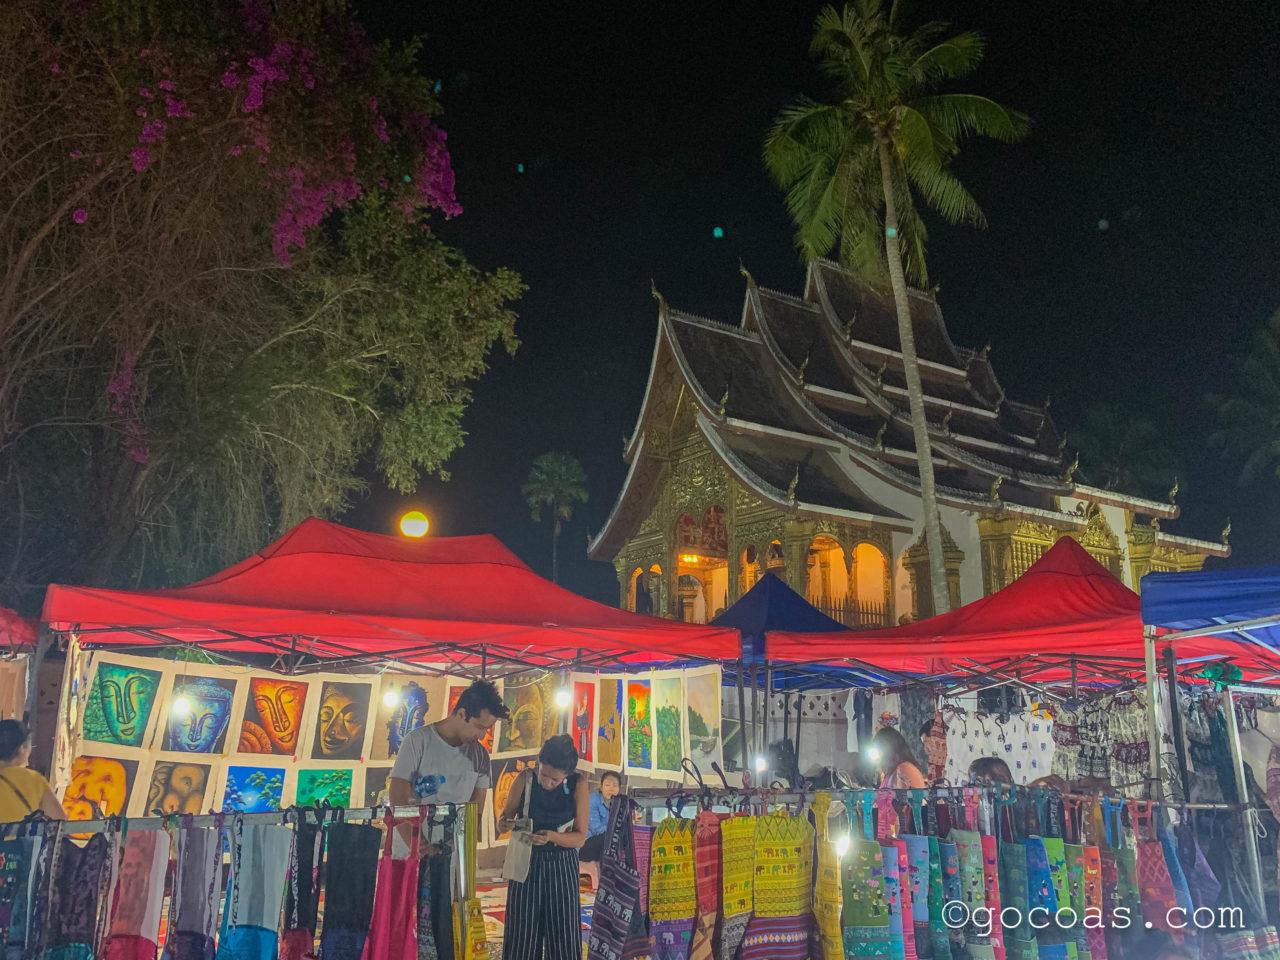 ルアンパバーンのナイトマーケットで並ぶお土産の屋台と寺院